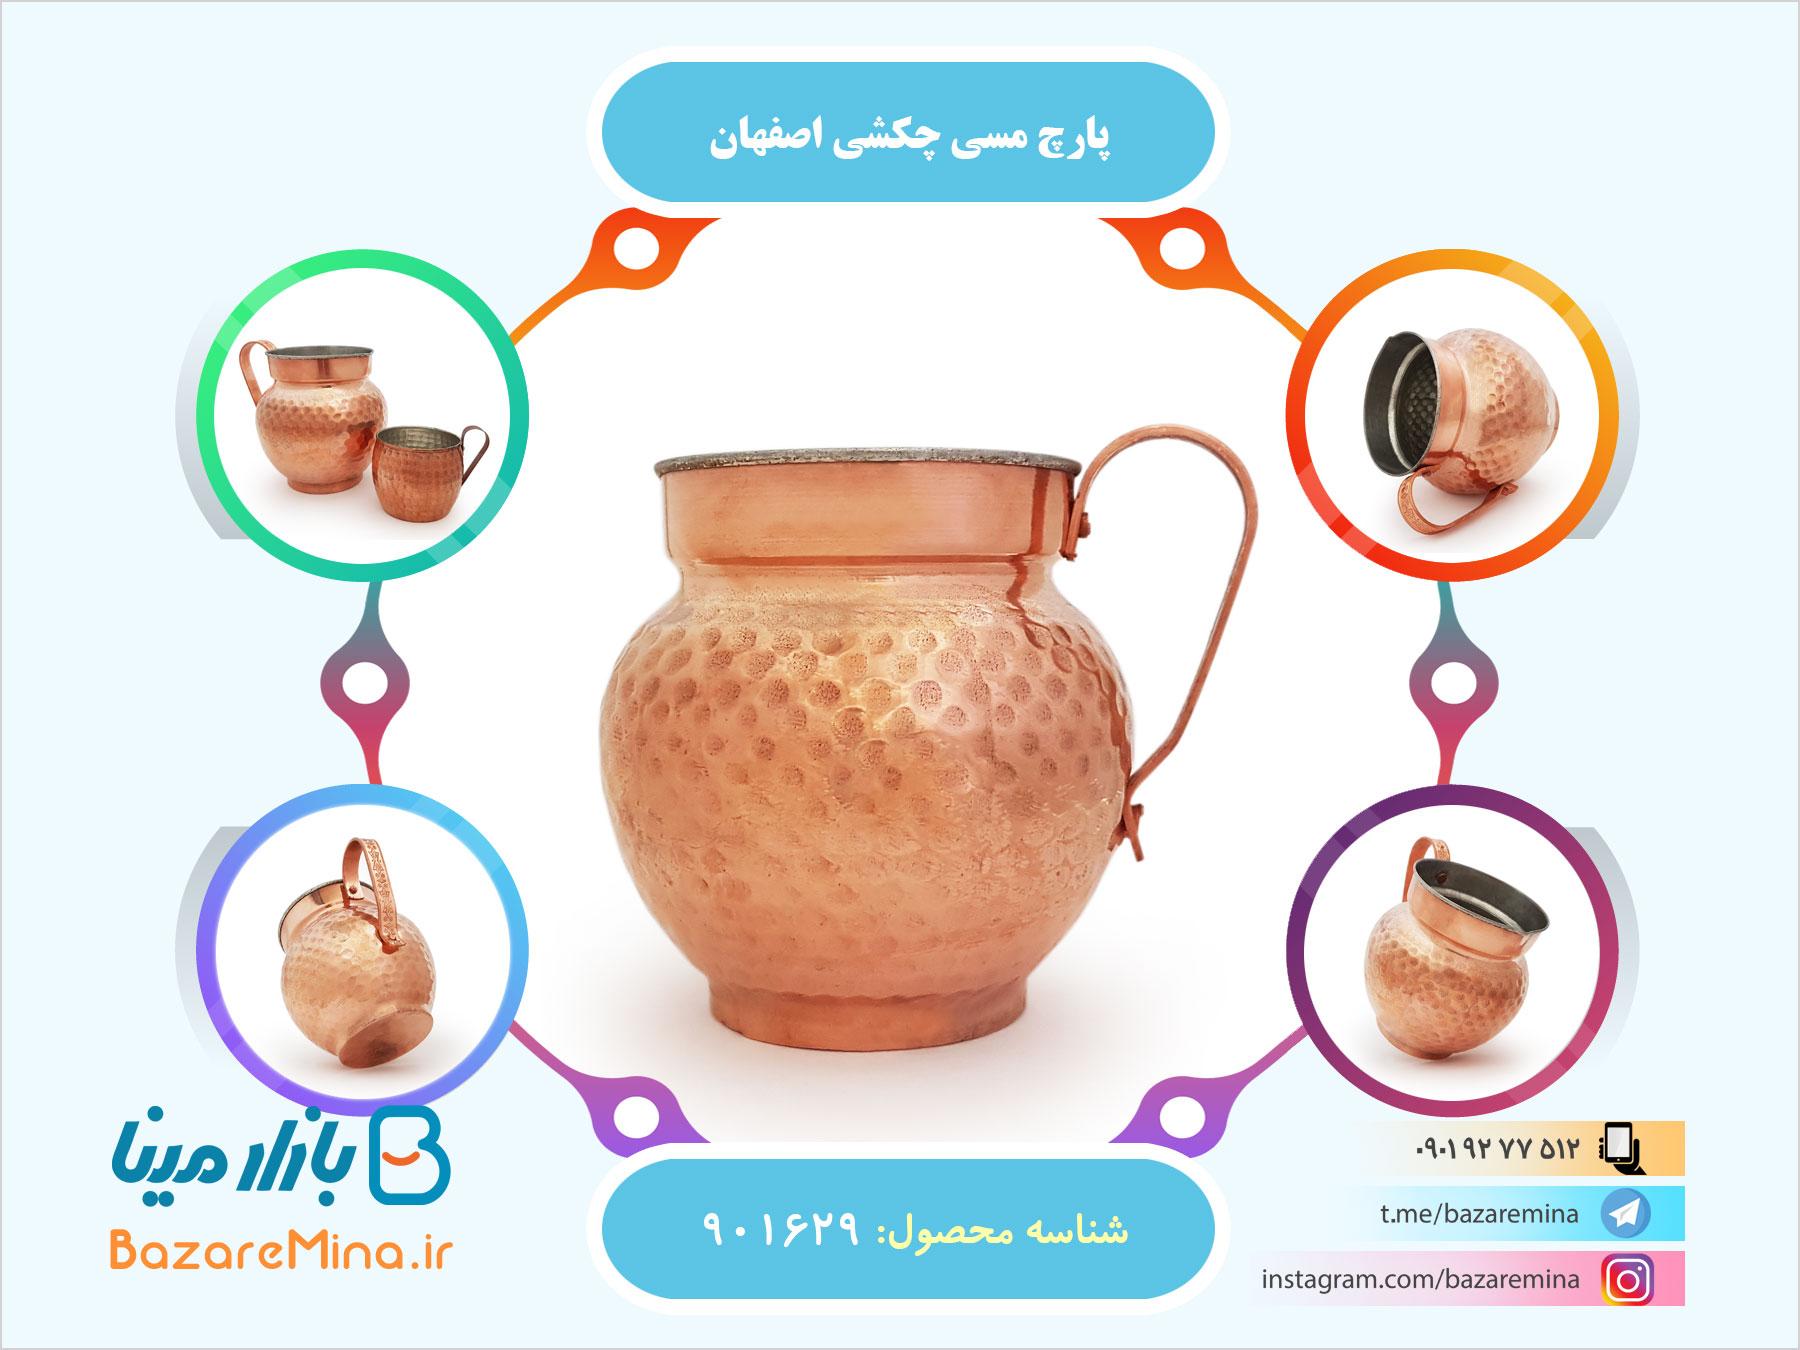 پارچ مسی چکشی اصفهان